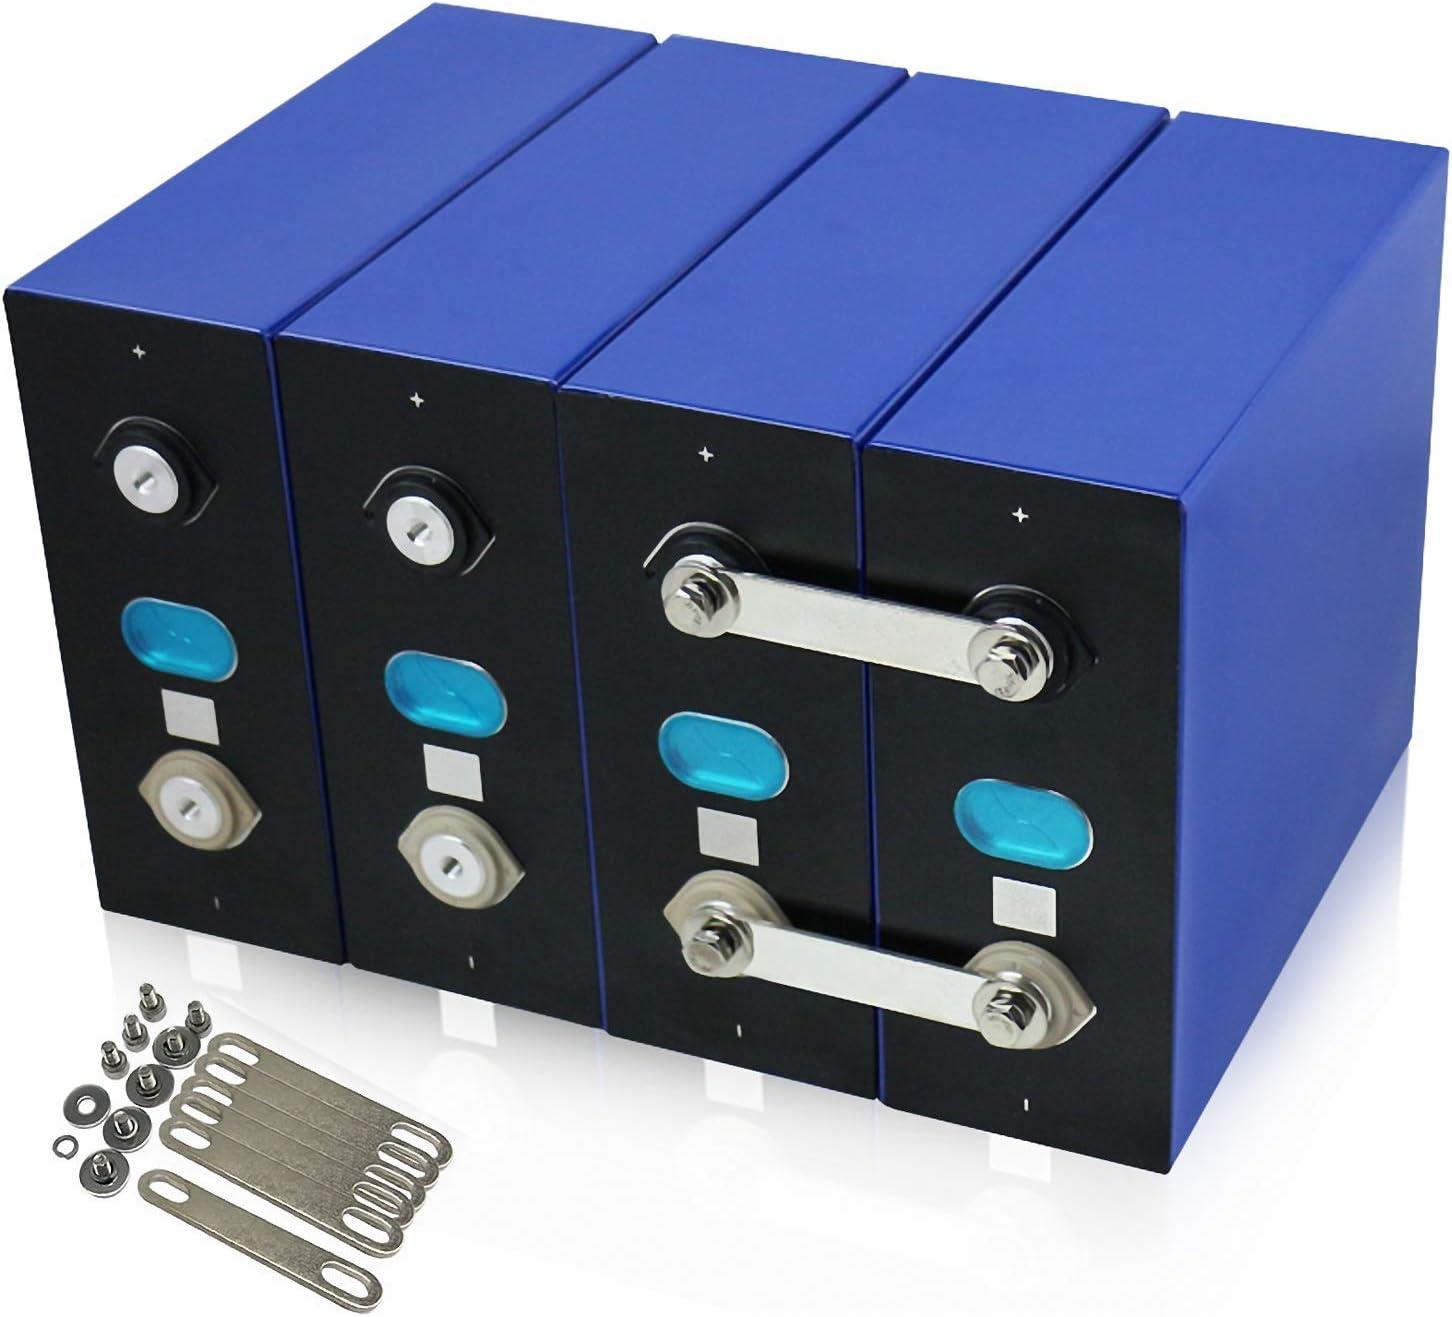 LeiQuanQuan Batería LiFePO4 3.2V LIFEPO4 BATERÍA DIY 12V 24V 48V 280AH Paquete de batería Recargable para Celdas de vehículos eléctricos RV Almacenamiento Solar BMS Tax Free 4pcs